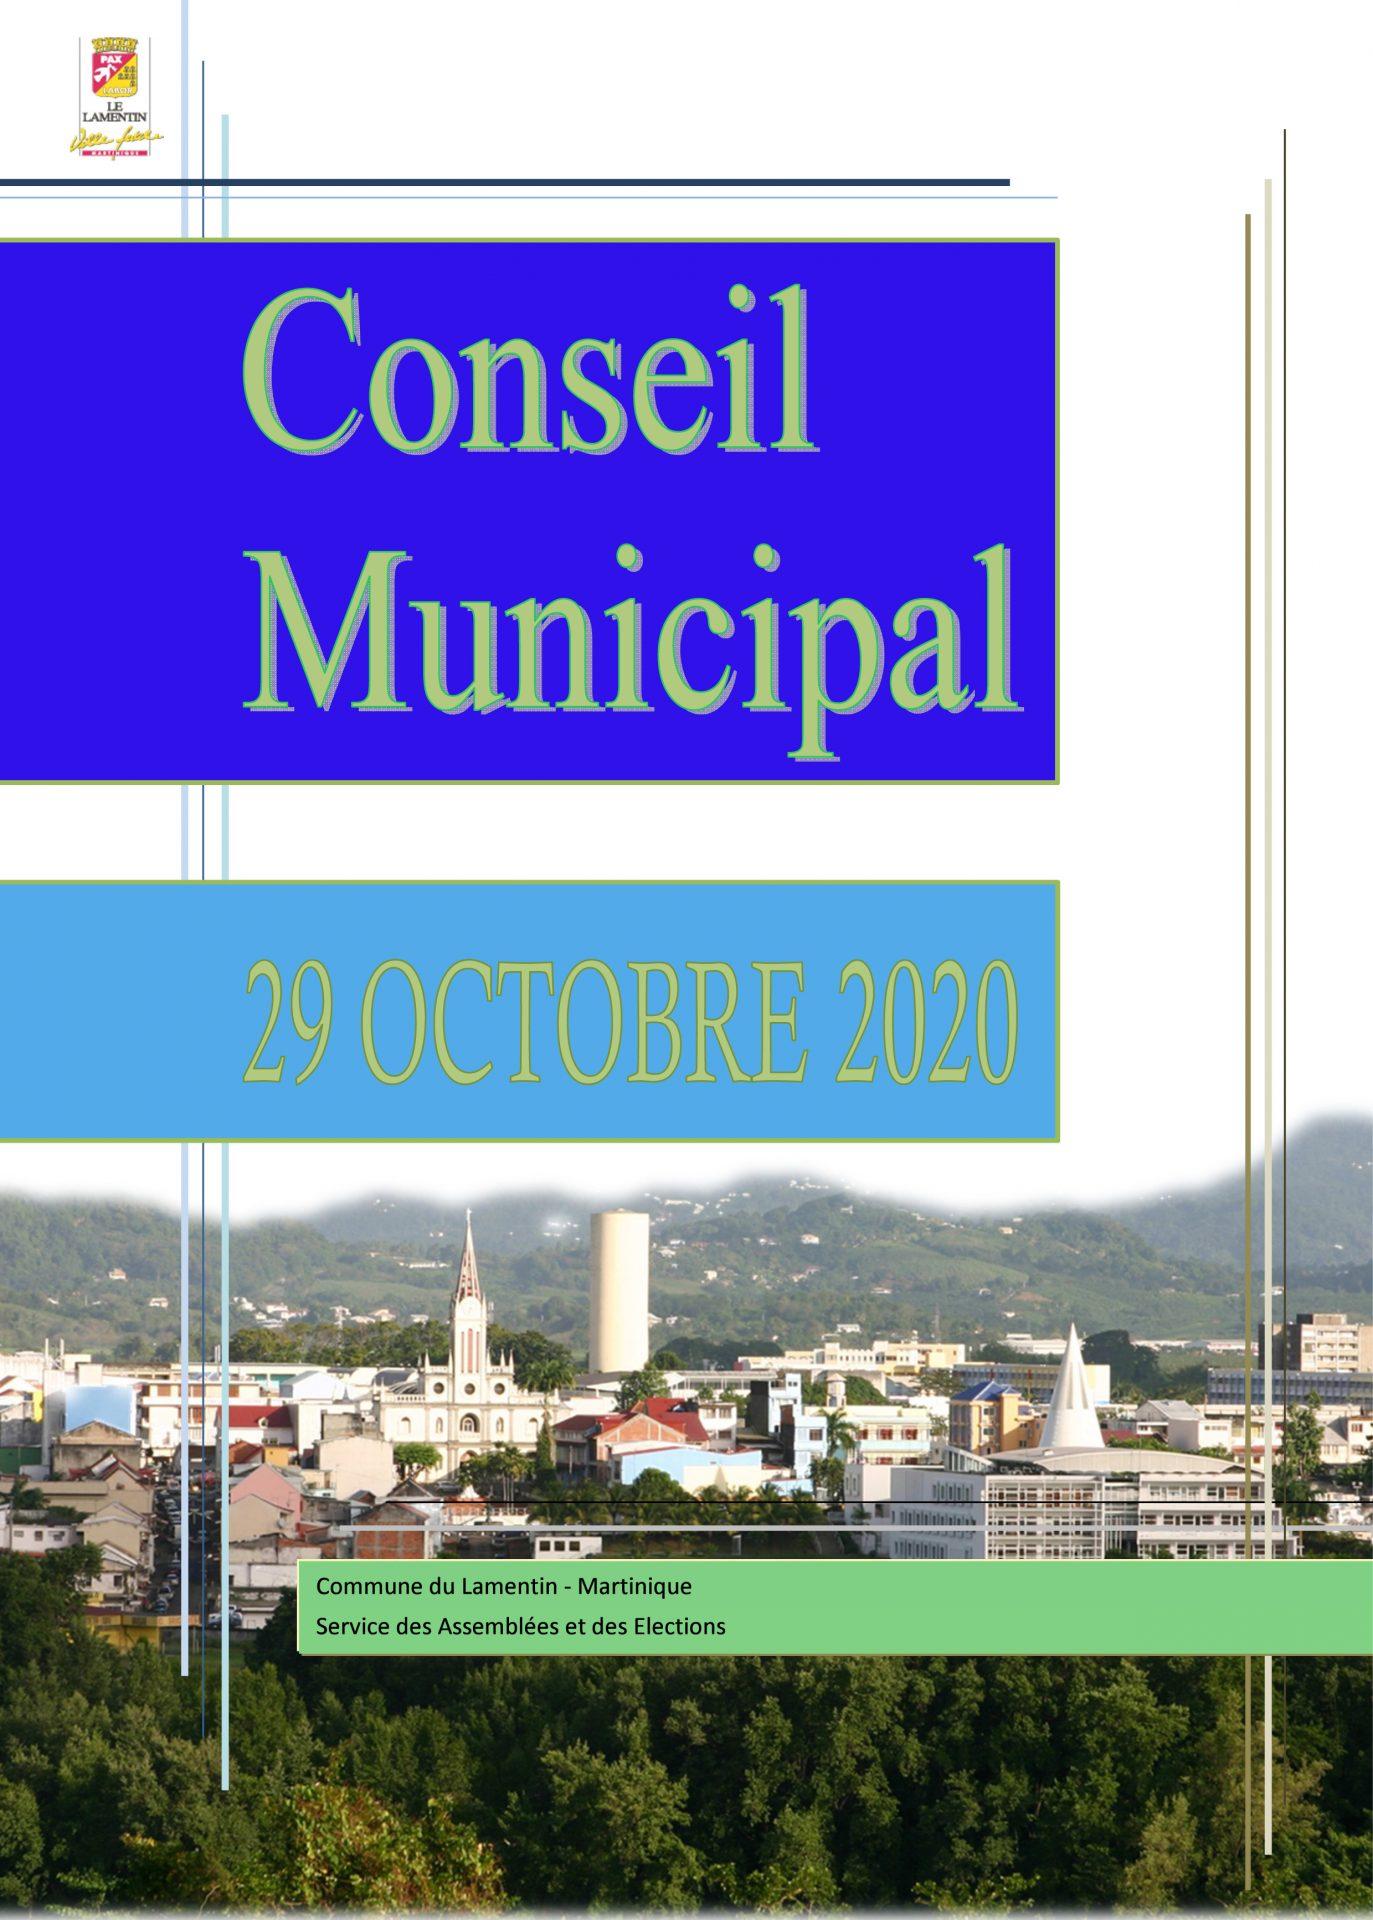 Le conseil municipal du 29 octobre est en ligne